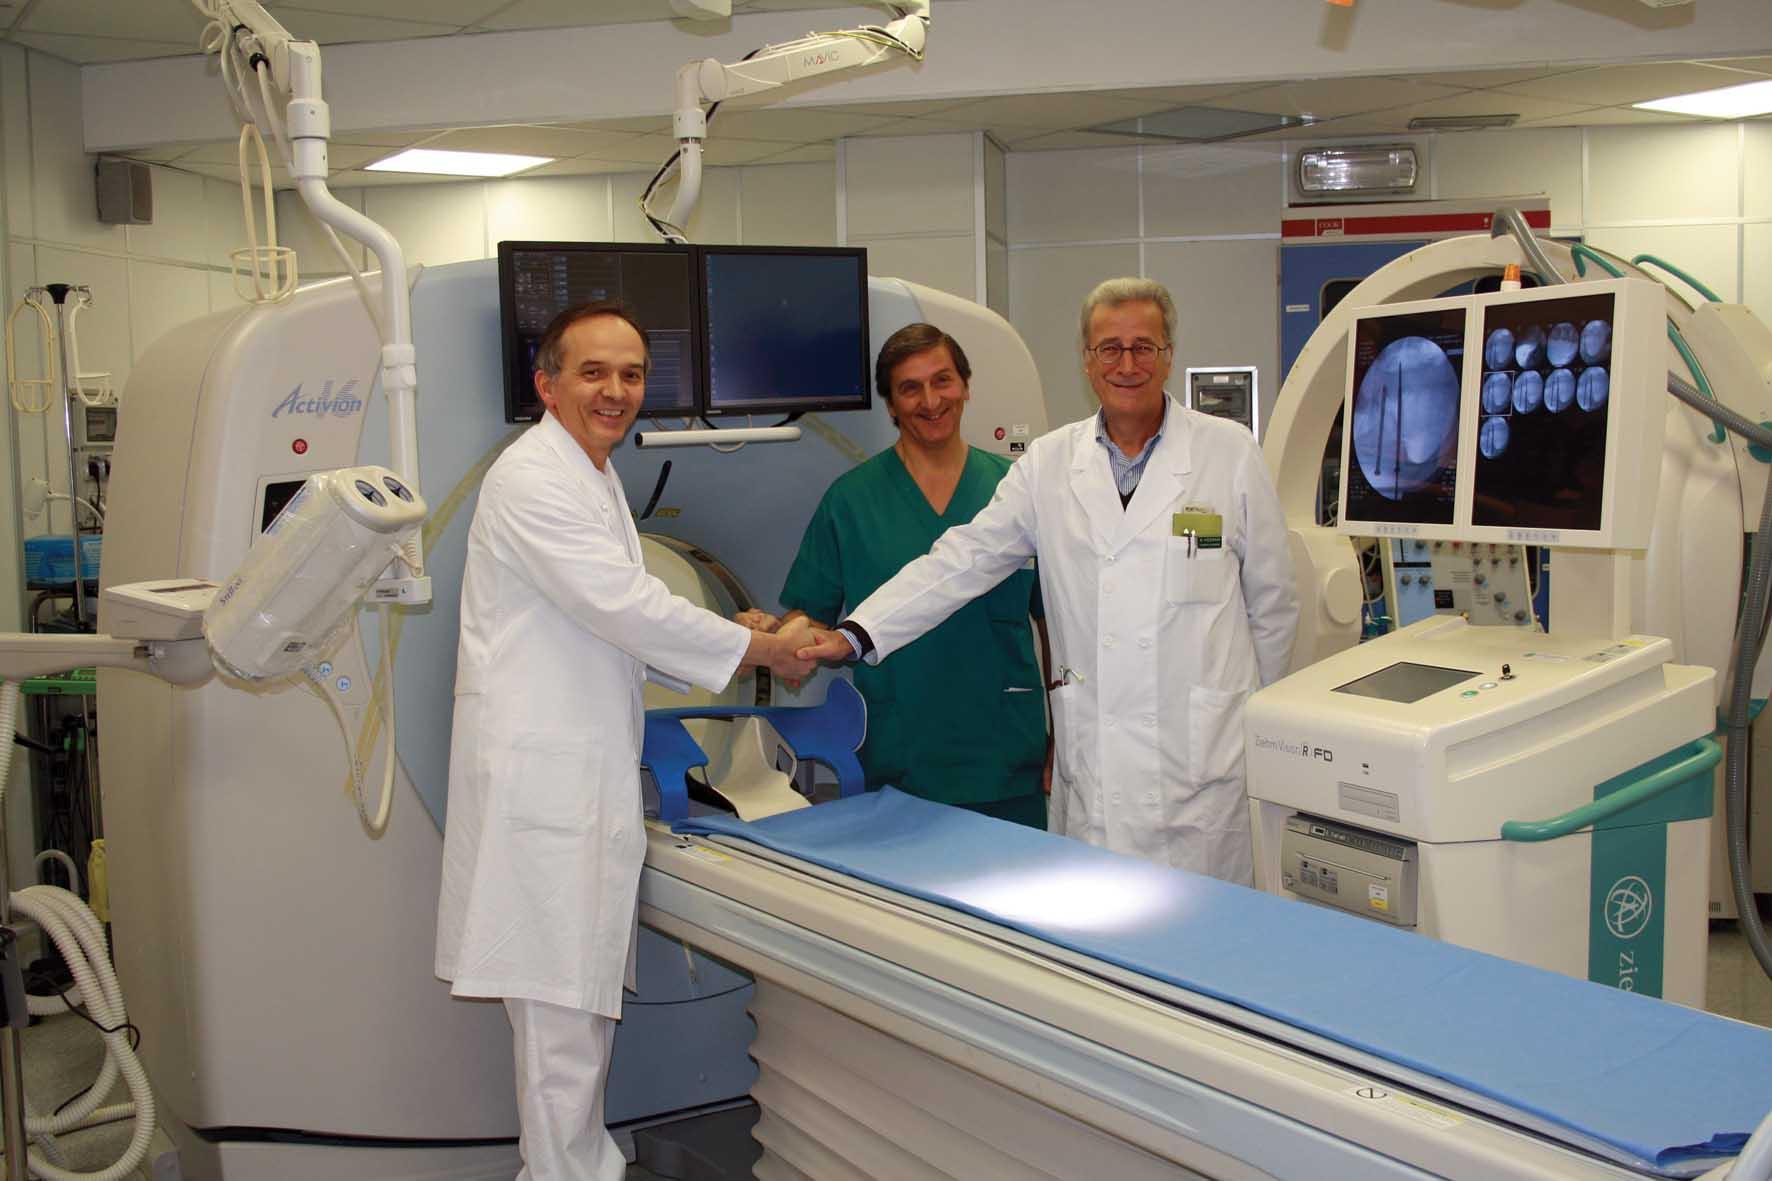 Ospedale camposampiero PD foto primari fluoro Ernesto Bissoli Ernesto Pizzirani Sabino Fiume 1